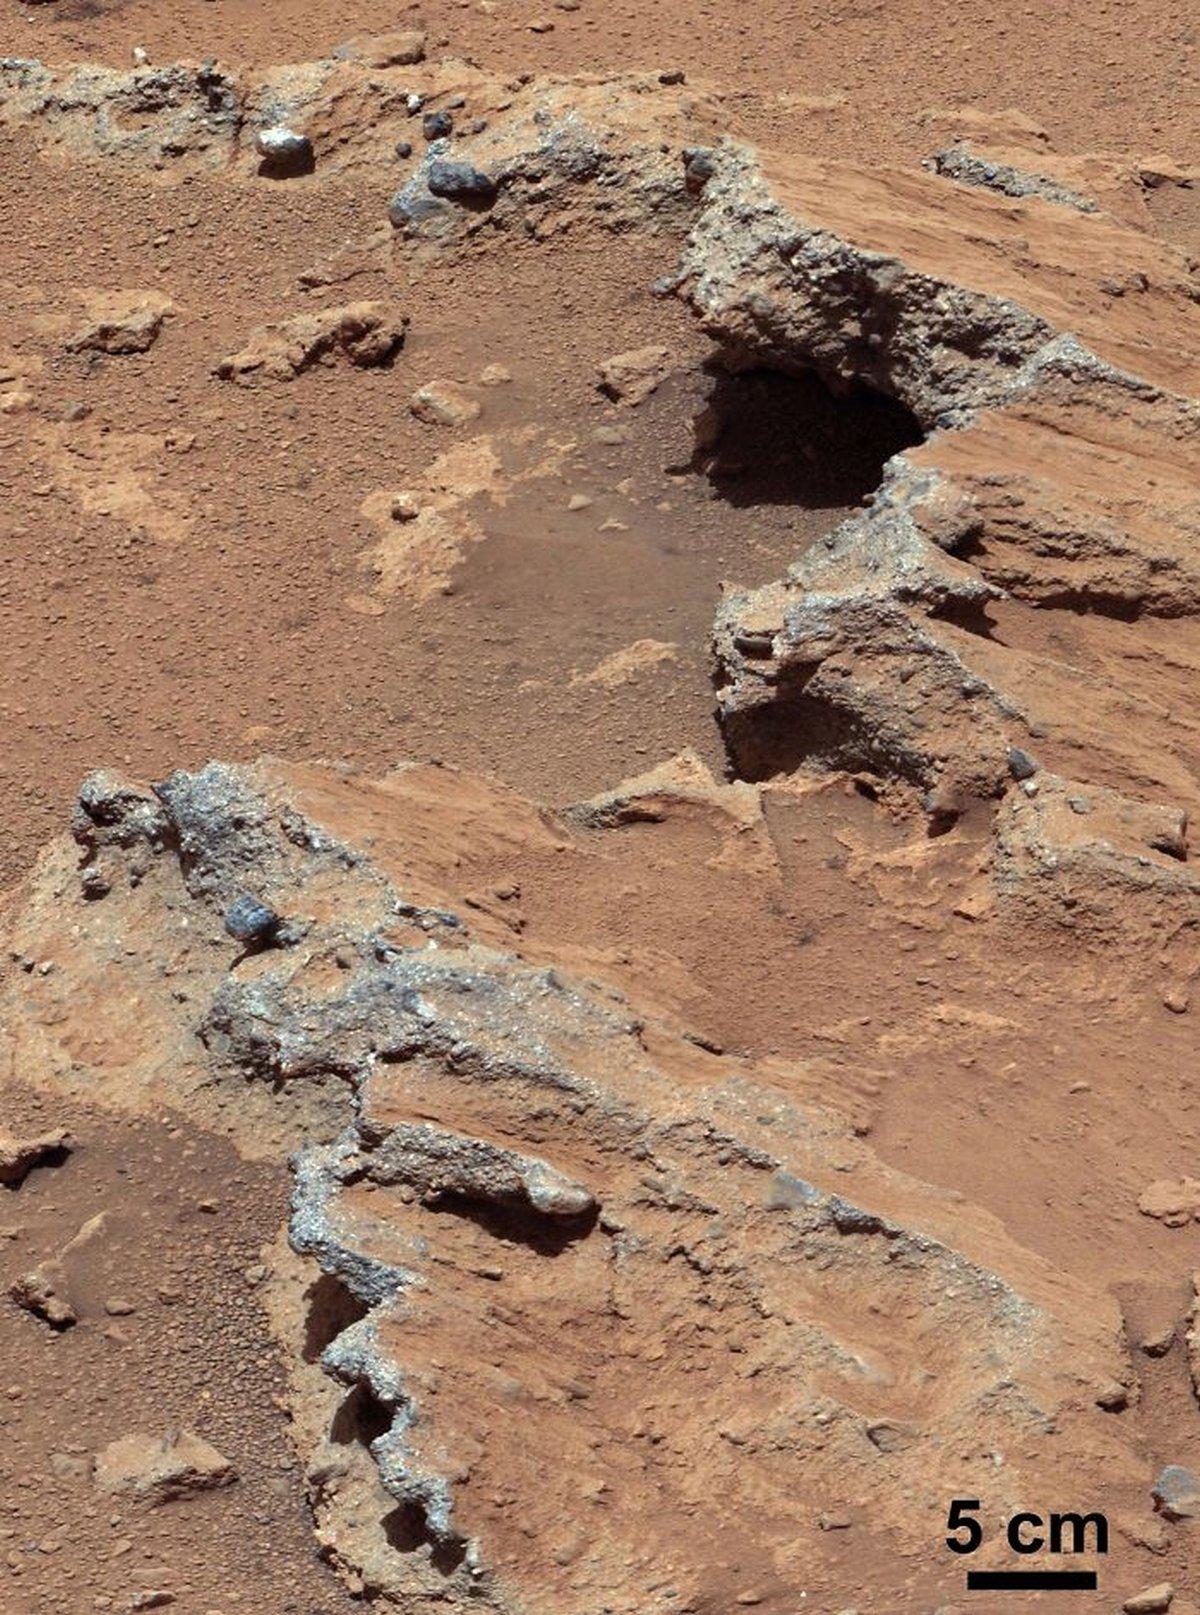 Le rover Curiosity de la NASA est sur Mars depuis plus de 8 ans et voici ses 22 plus belles photos